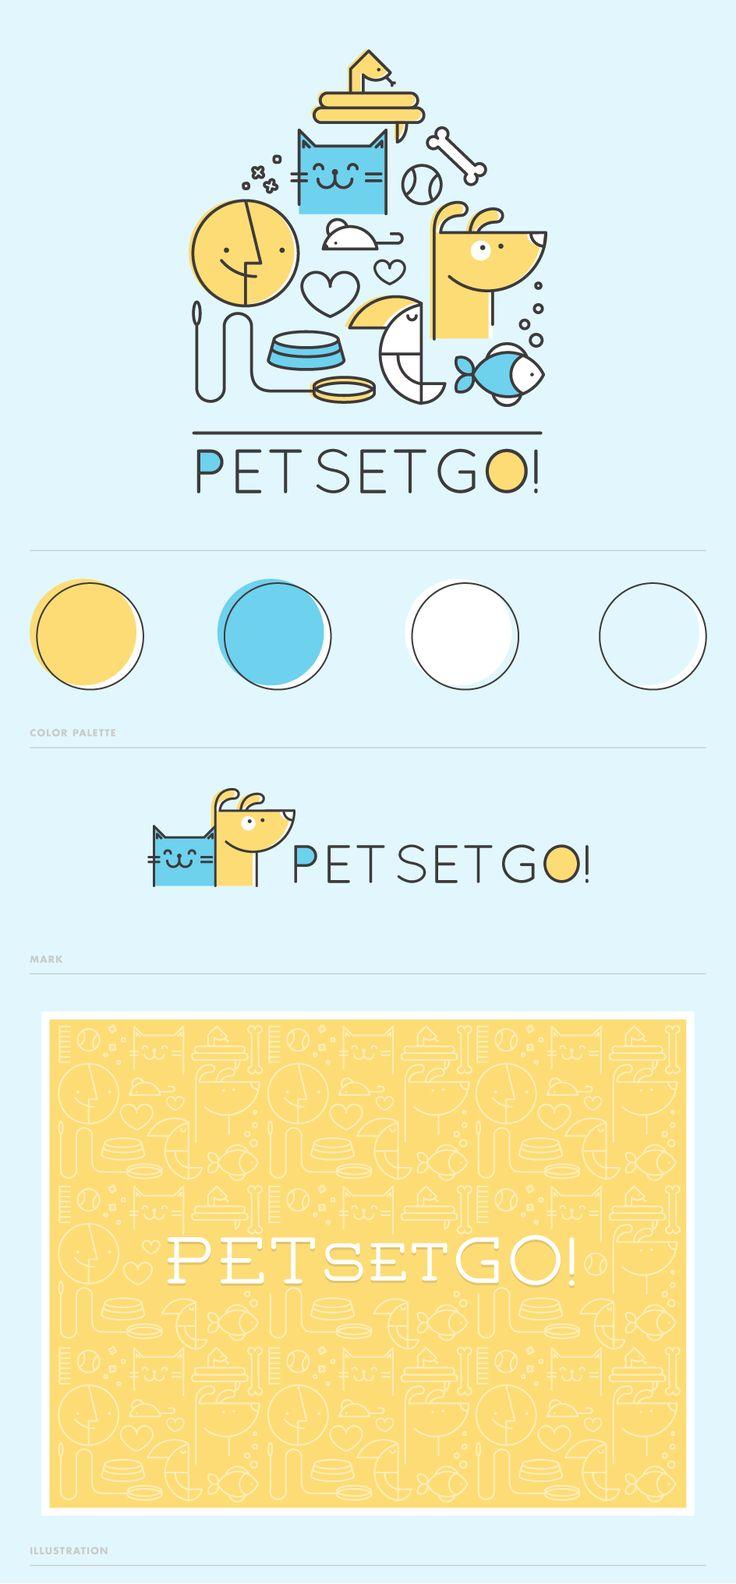 Pet Set Go